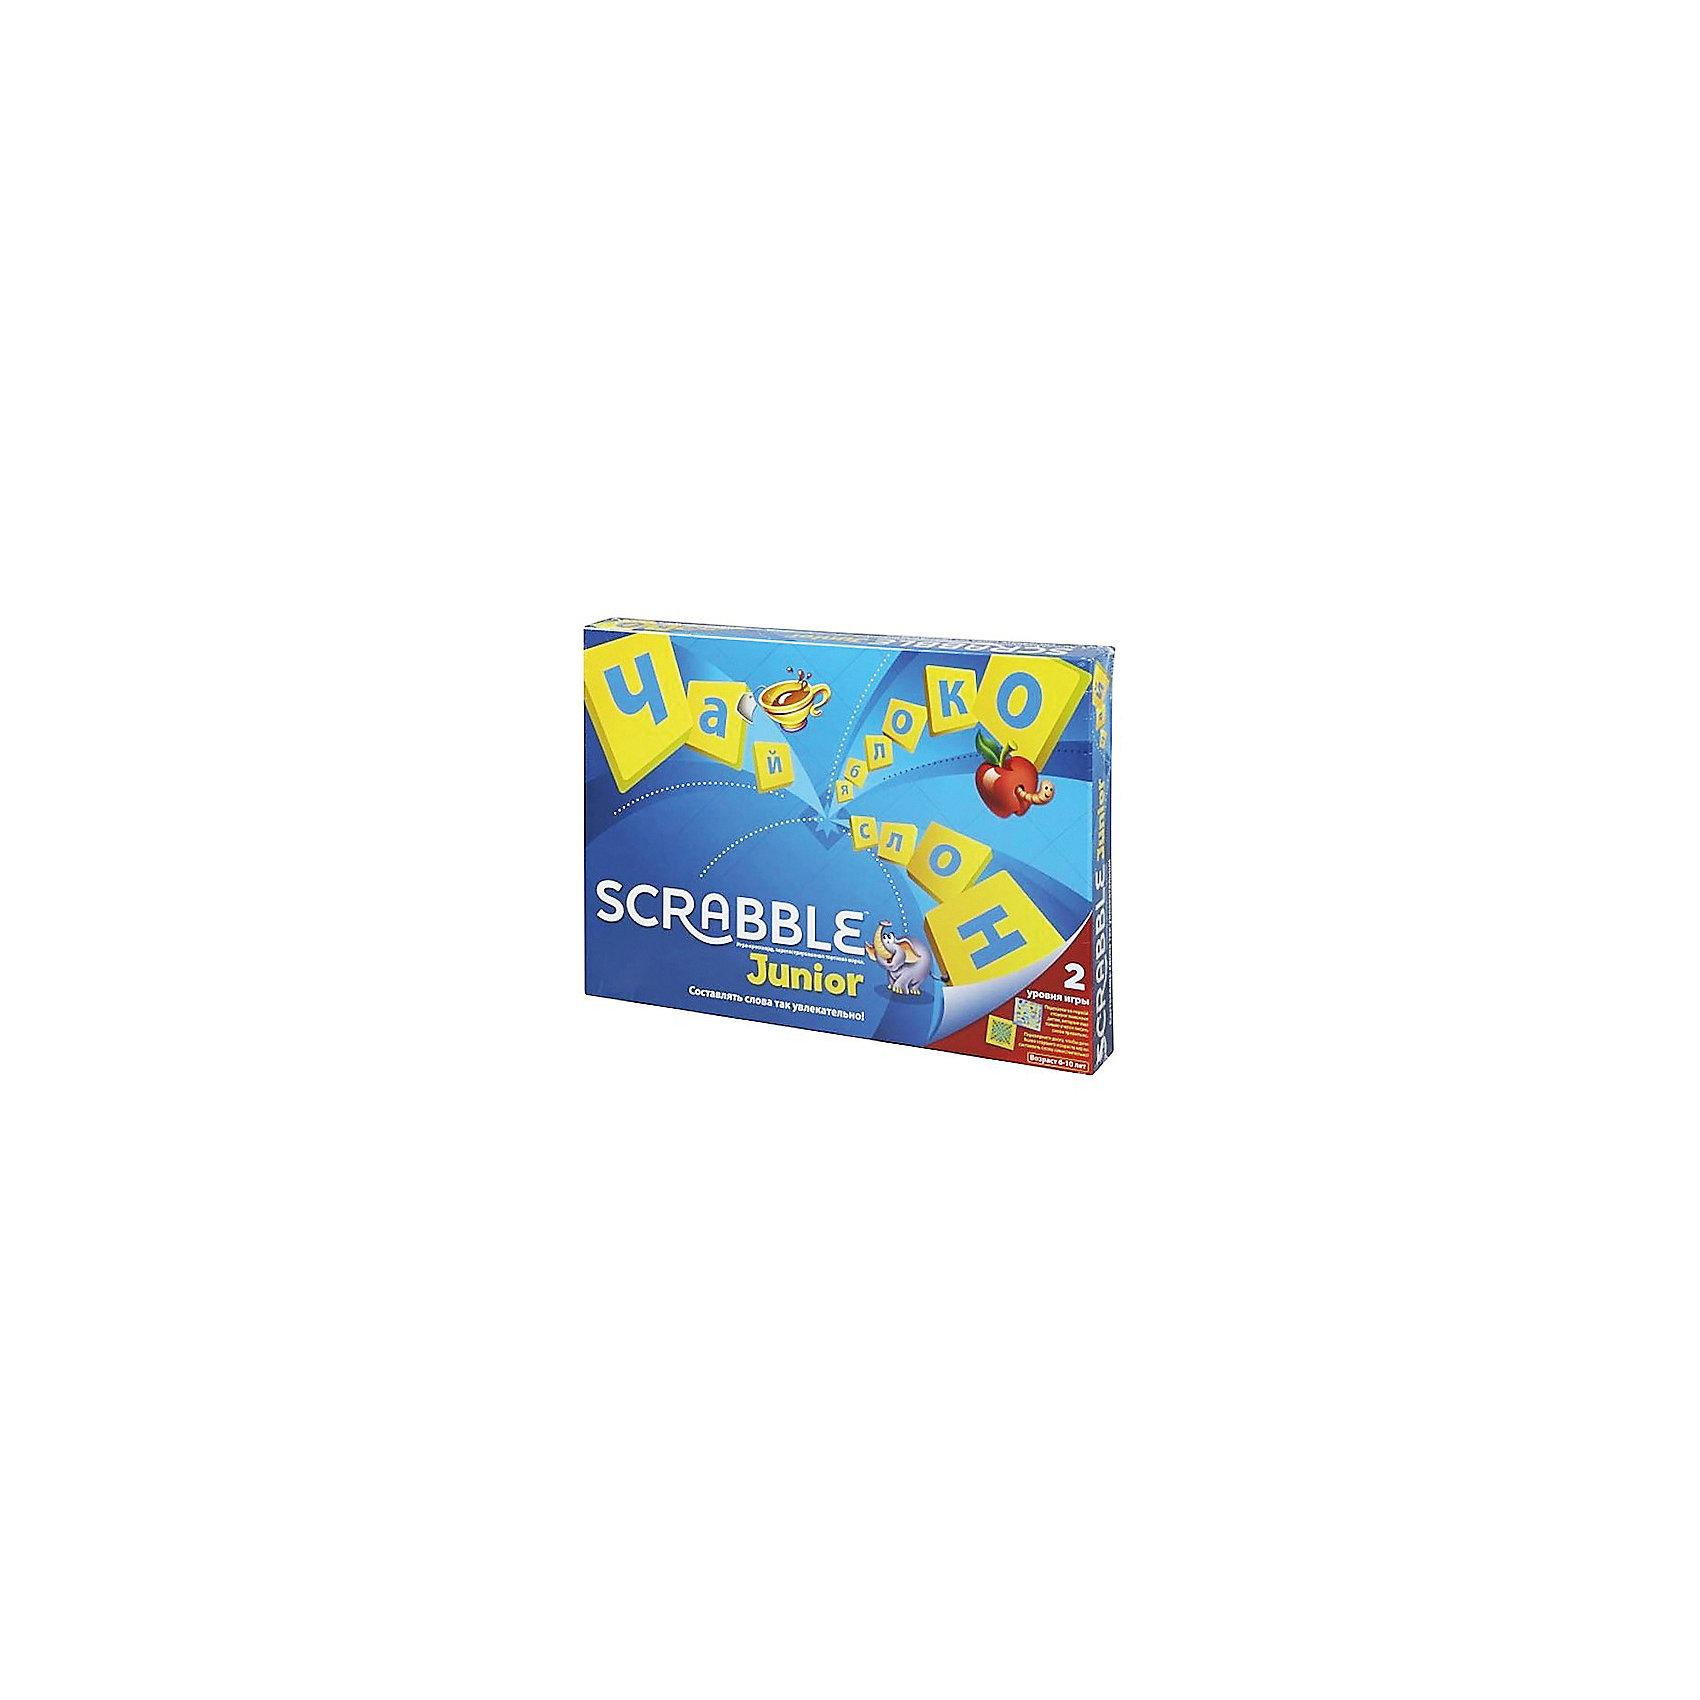 Настольная игра Скрабл Джуниор, Mattel GamesНастольная детская игра Скрабл Джуниор (Scrabble) - увлекательная и захватывающая игра, в которую можно играть всей семьей. Игра поможет ребенку познакомиться с алфавитом, новыми словами и их правильным написанием. Игровое поле «Скрабл Джуниор» имеет две стороны, каждая из которых предназначена для двух разных игр: «Слова и картинки» и «Цвета и жетоны». Первый вариант рассчитан на детей 5 -8 лет с подсказками слов на поле, второй вариант для детей от 7 лет - игра по-взрослому, без подсказок.<br><br>Сюжет игры Скрэббл - составлять слова из имеющихся на руках фишек с буквами. Голубая сторона доски предназначена для игры «Слова и картинки». На этом игровом поле изображены слова с иллюстрациями. В процессе игры дети составляют из фишек с буквами слова на основе картинок. За каждое составленное слово участник получает голубой жетон. Победителем становится игрок с наибольшим количеством жетонов.<br><br>Вторая сторона игровой доски имеет желто-оранжевый цвет и предназначена для игры «Цвета и жетоны». Эта игра подходит детям старшего возраста. Игроки получают по пять фишек с буквами, из которых они должны составить слова по принципу кроссворда. Перед следующим ходом игрок добирает израсходованные фишки. За каждую использованную букву игрок получает очко. Цель игры - набрать как можно больше очков. В игре могут участвовать от 2 до 4 игроков.<br><br>Дополнительная информация:<br><br>- В комплекте: двусторонняя игровая доска, 84 косточки с буквами, включая две пустые, 30 голубых жетонов, мешочек для косточек, буклет с правилами игры на русском языке.<br>- Материал: высококачественный пластик.<br>- Размер упаковки:  37 ? 27 ? 4,5 см.<br>- Вес: 0,683 кг. <br><br>Настольную детскую игру Скрабл Джуниор, Mattel можно купить в нашем интернет-магазине.<br><br>Ширина мм: 370<br>Глубина мм: 45<br>Высота мм: 265<br>Вес г: 683<br>Возраст от месяцев: 60<br>Возраст до месяцев: 84<br>Пол: Унисекс<br>Возраст: Детский<br>SKU: 3718062